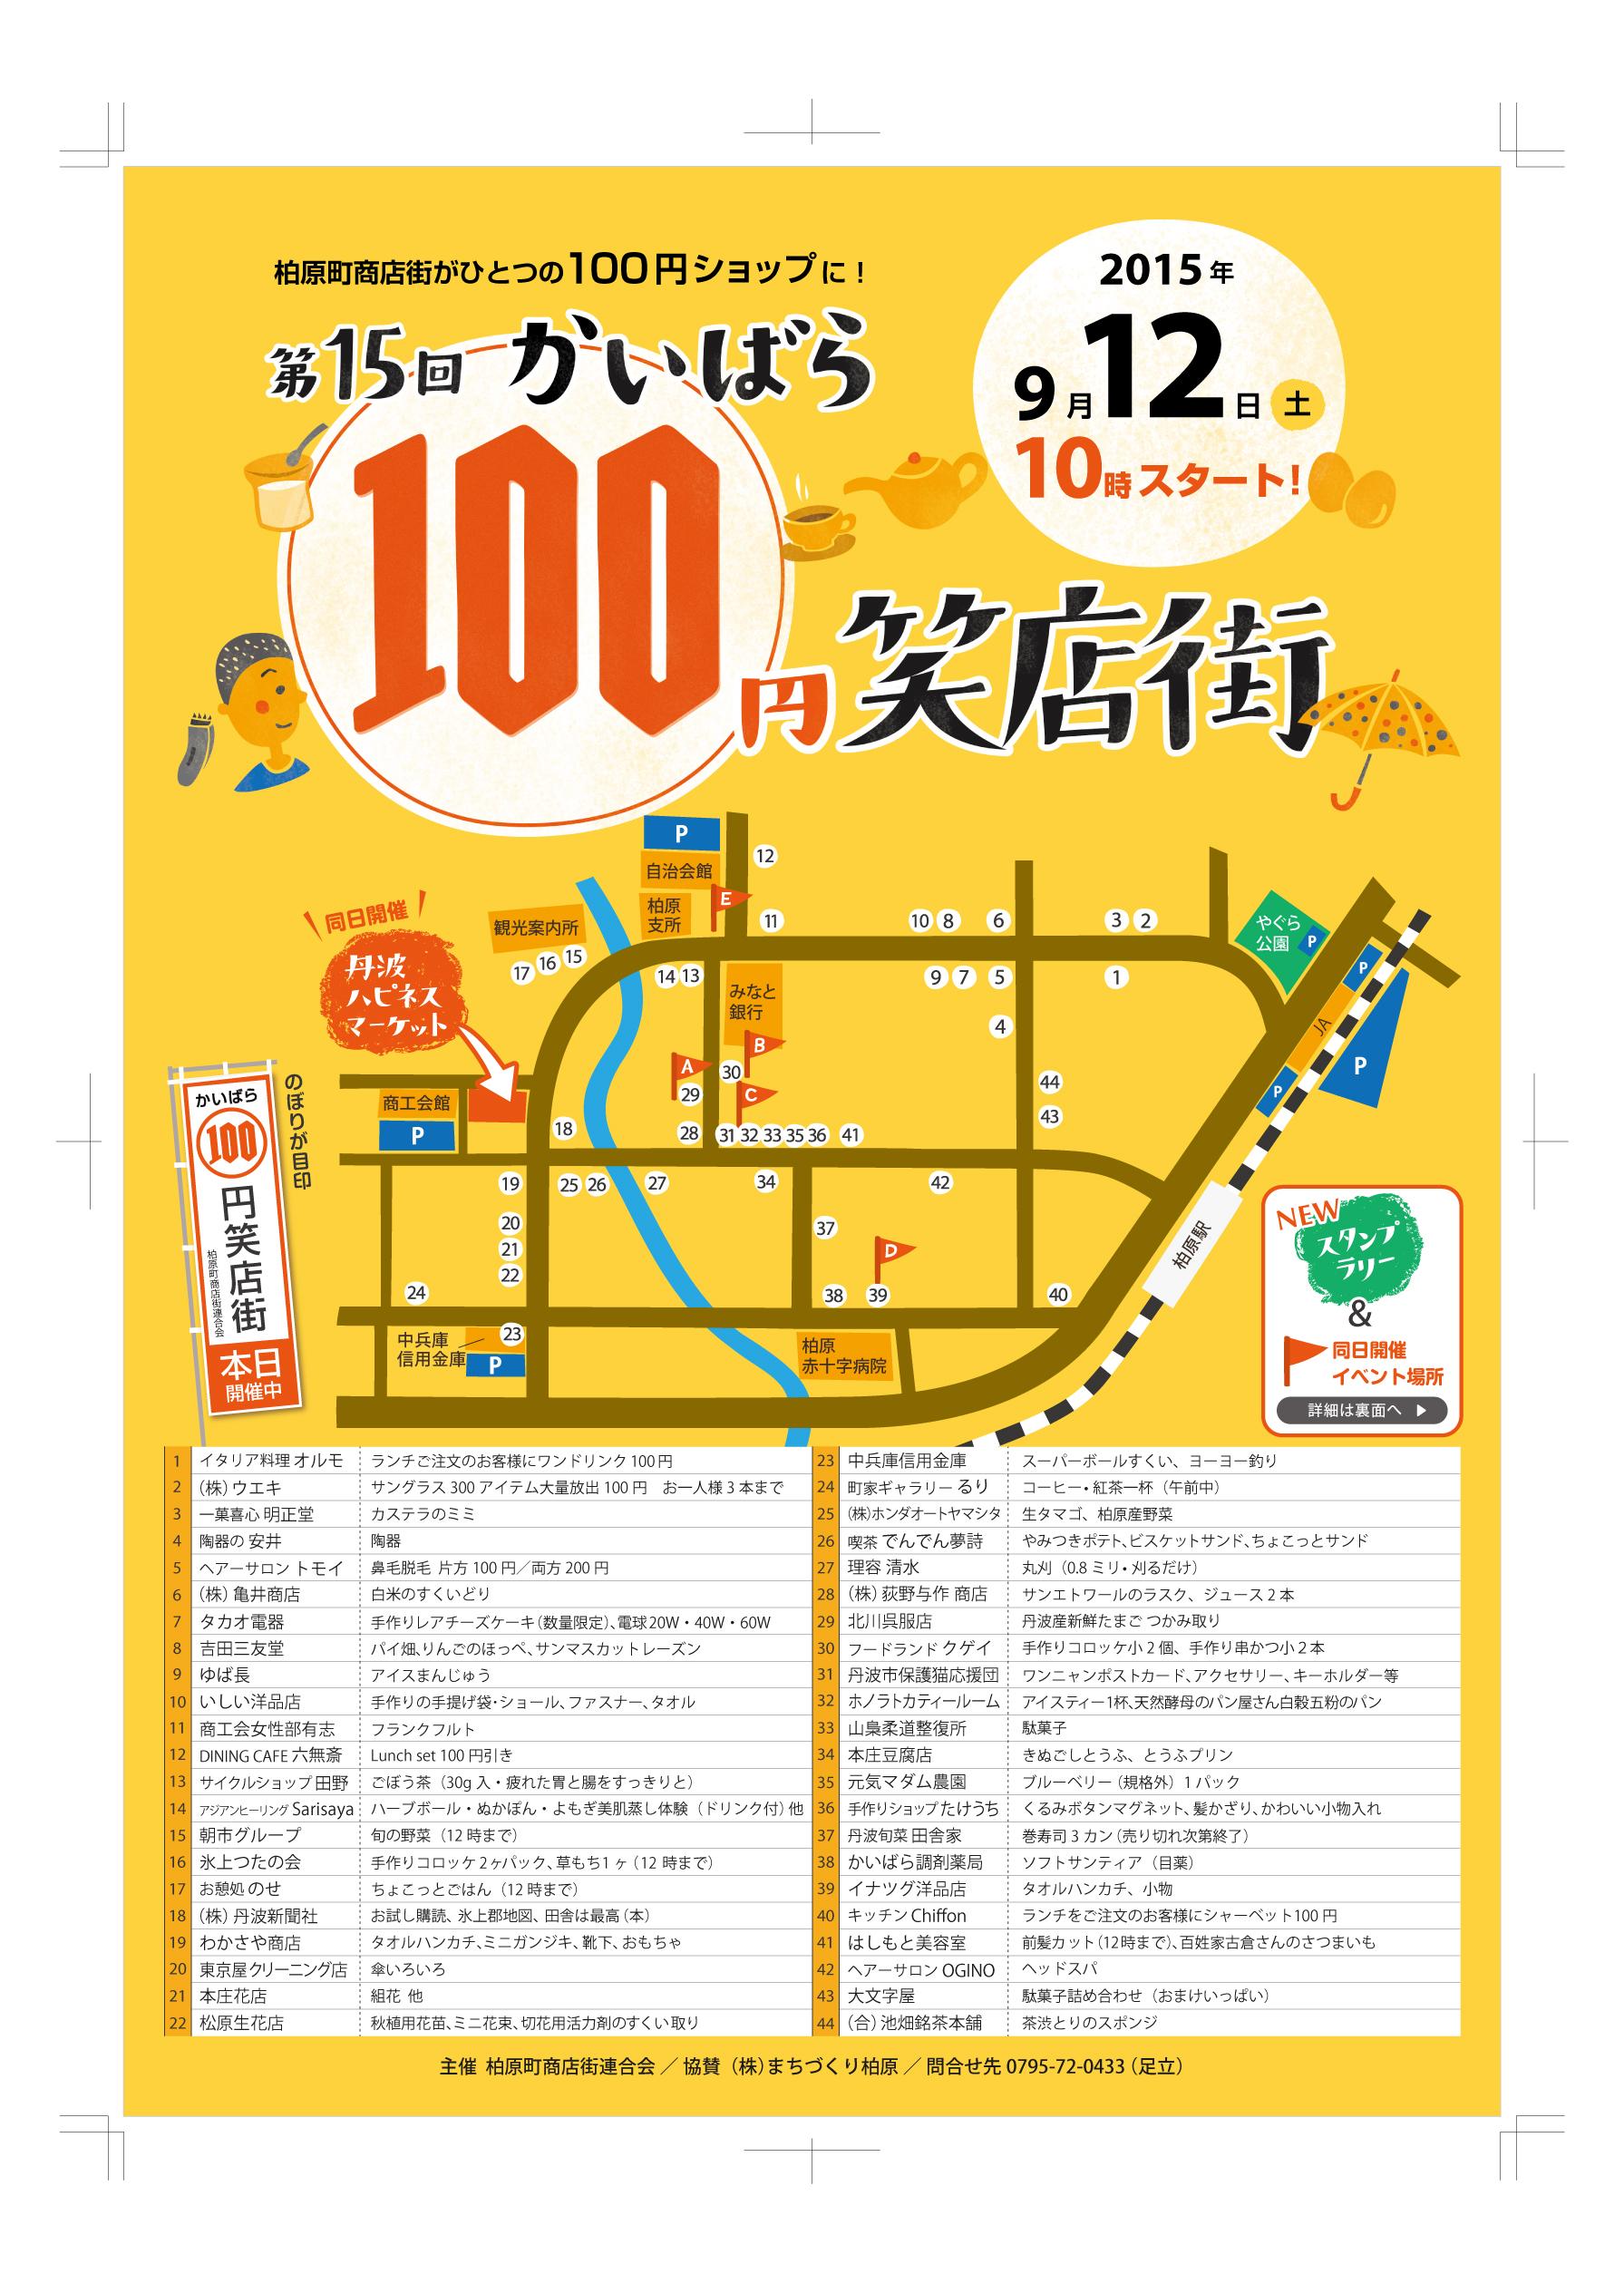 20150831_100yen_shotengai1.jpg